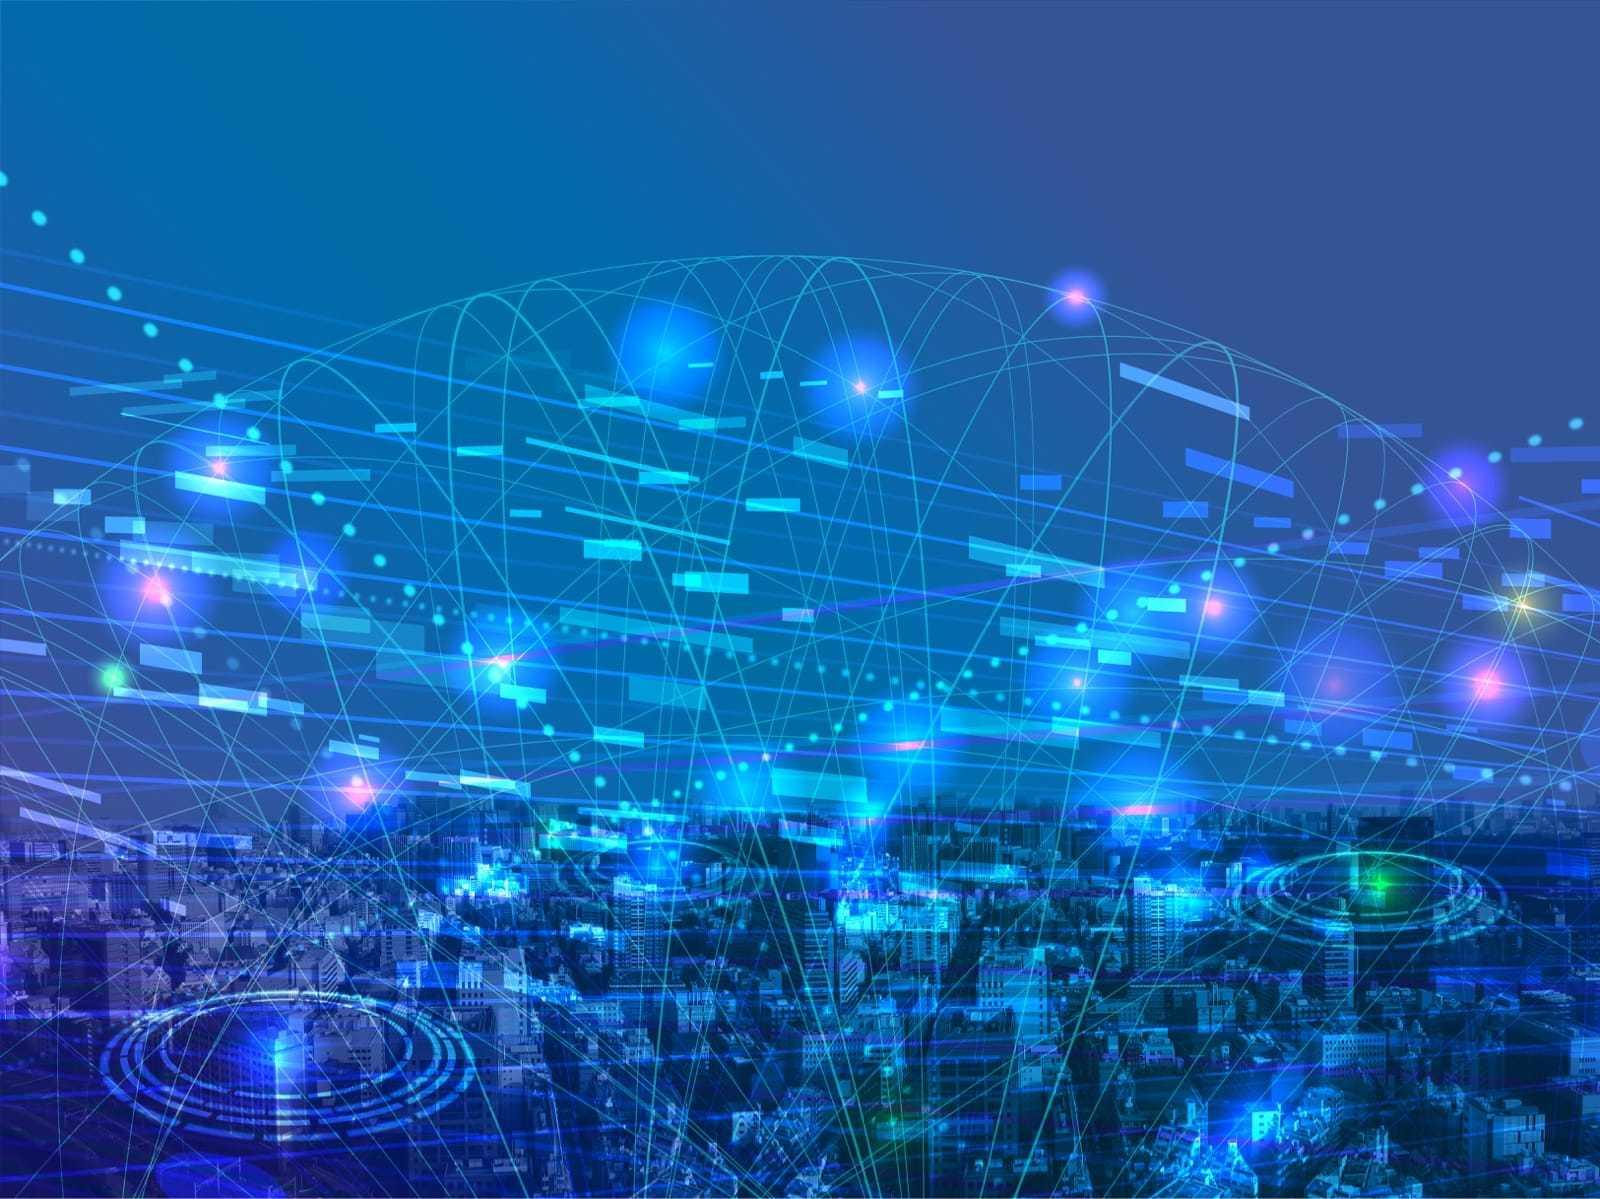 デジタルネットワーク網が広がるイメージ